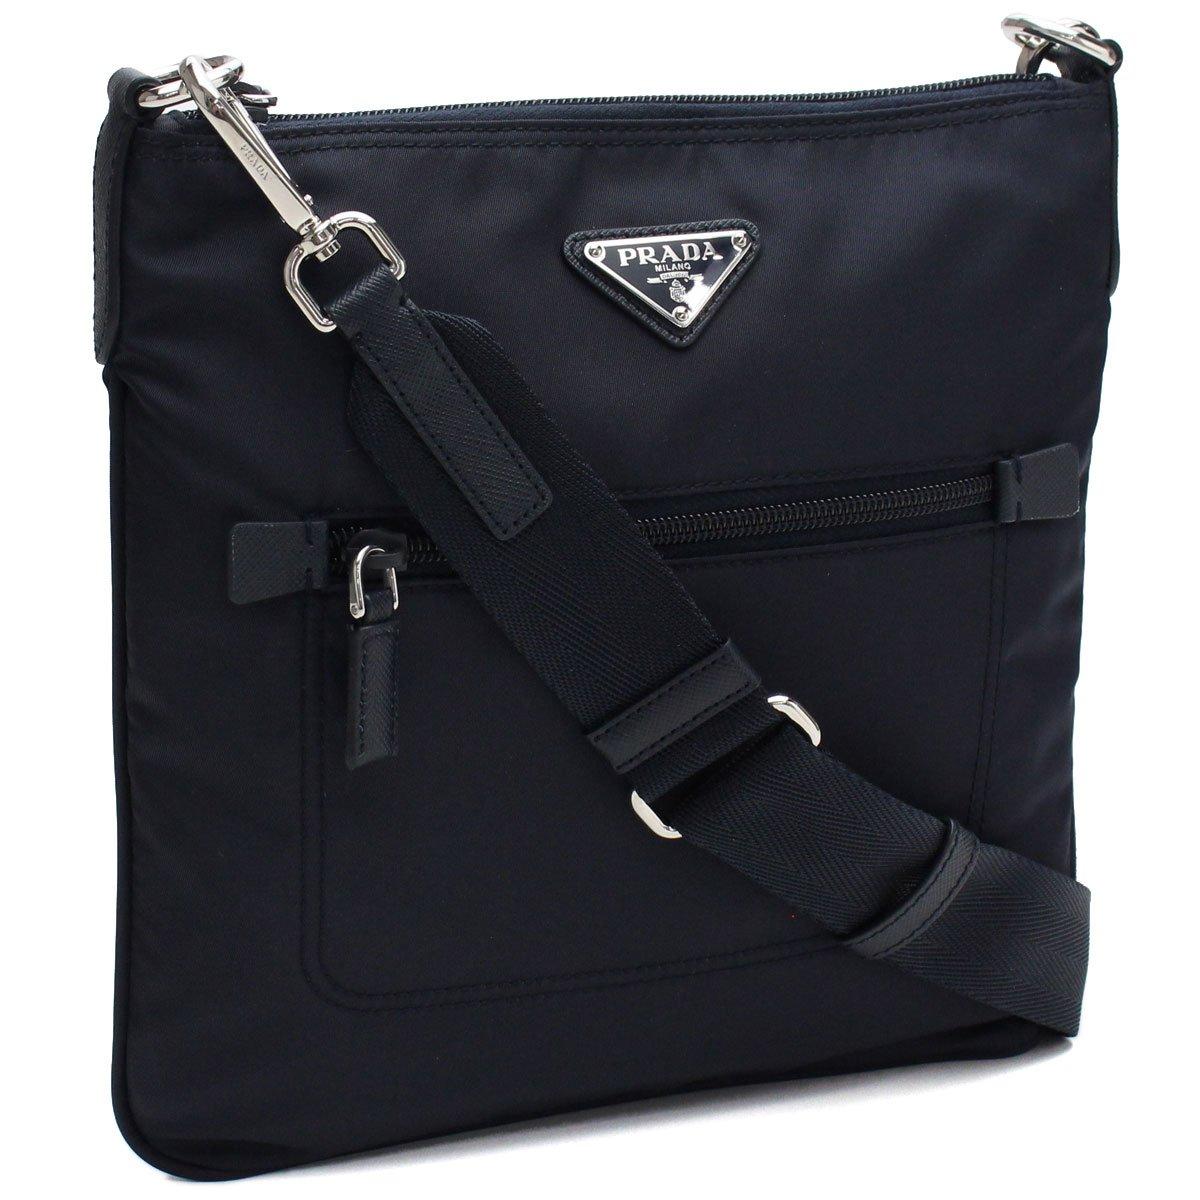 316d54b1b Amazon.com: Prada Black Tessuto Nylon Messenger Crossbody Handbag 1BH716:  Shoes